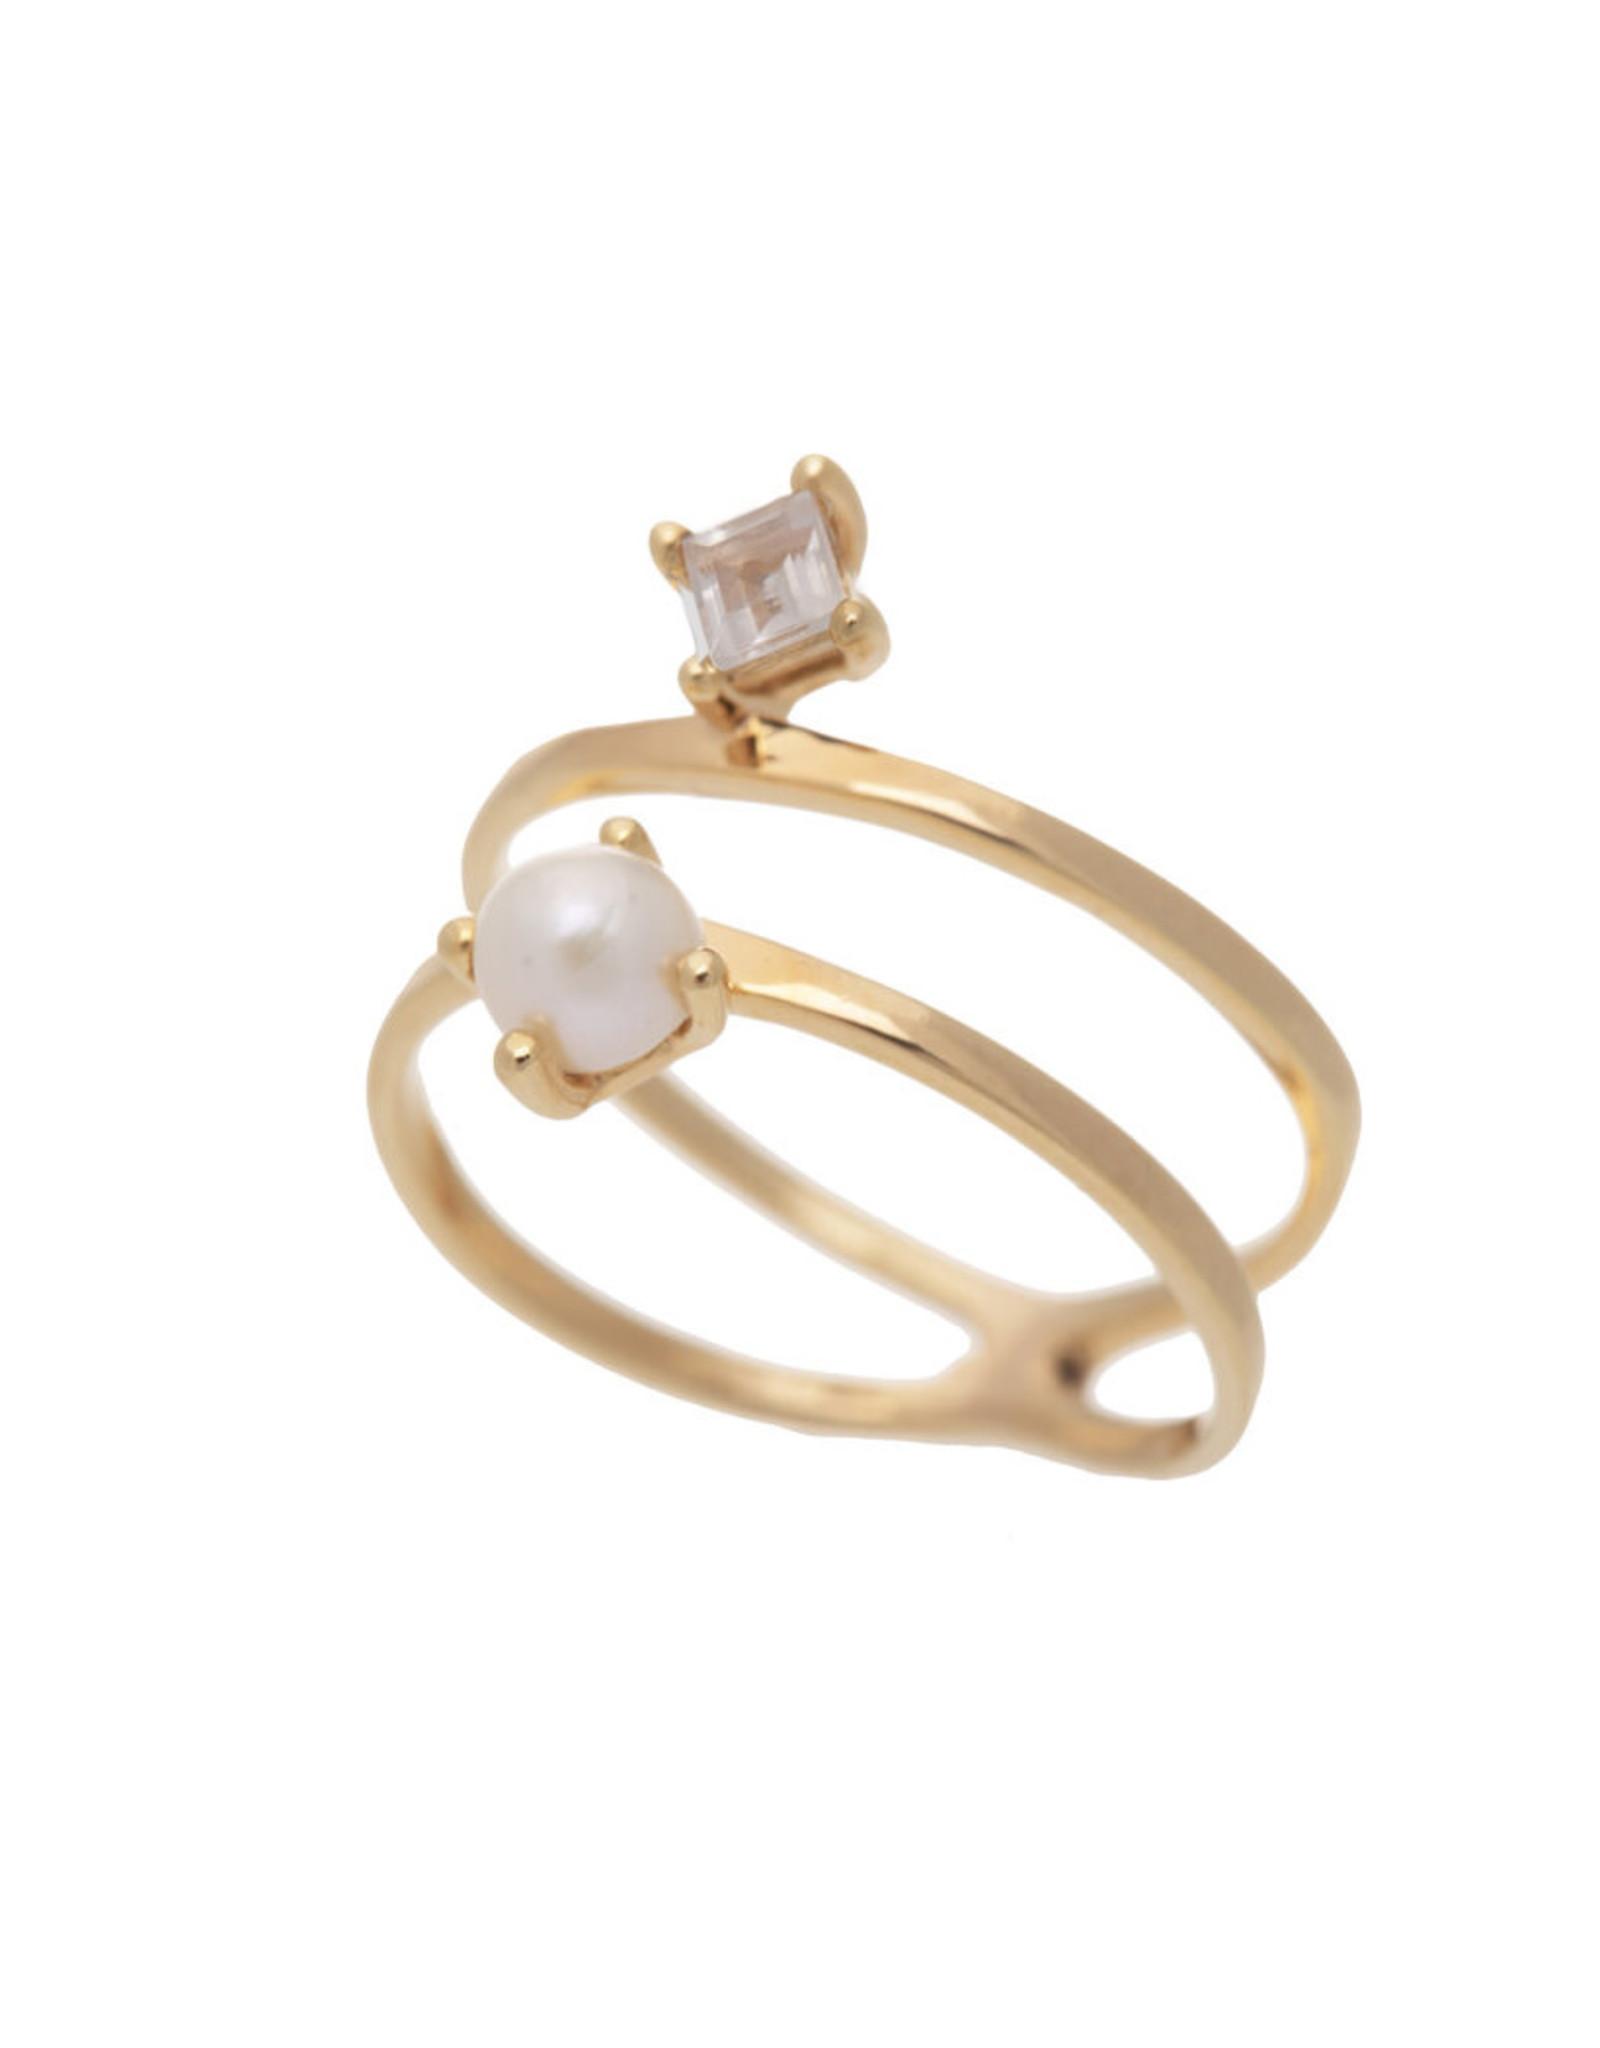 Sarah Mulder Jewelry Gold Cassie Ring - Rose Quartz + Pearl - 8